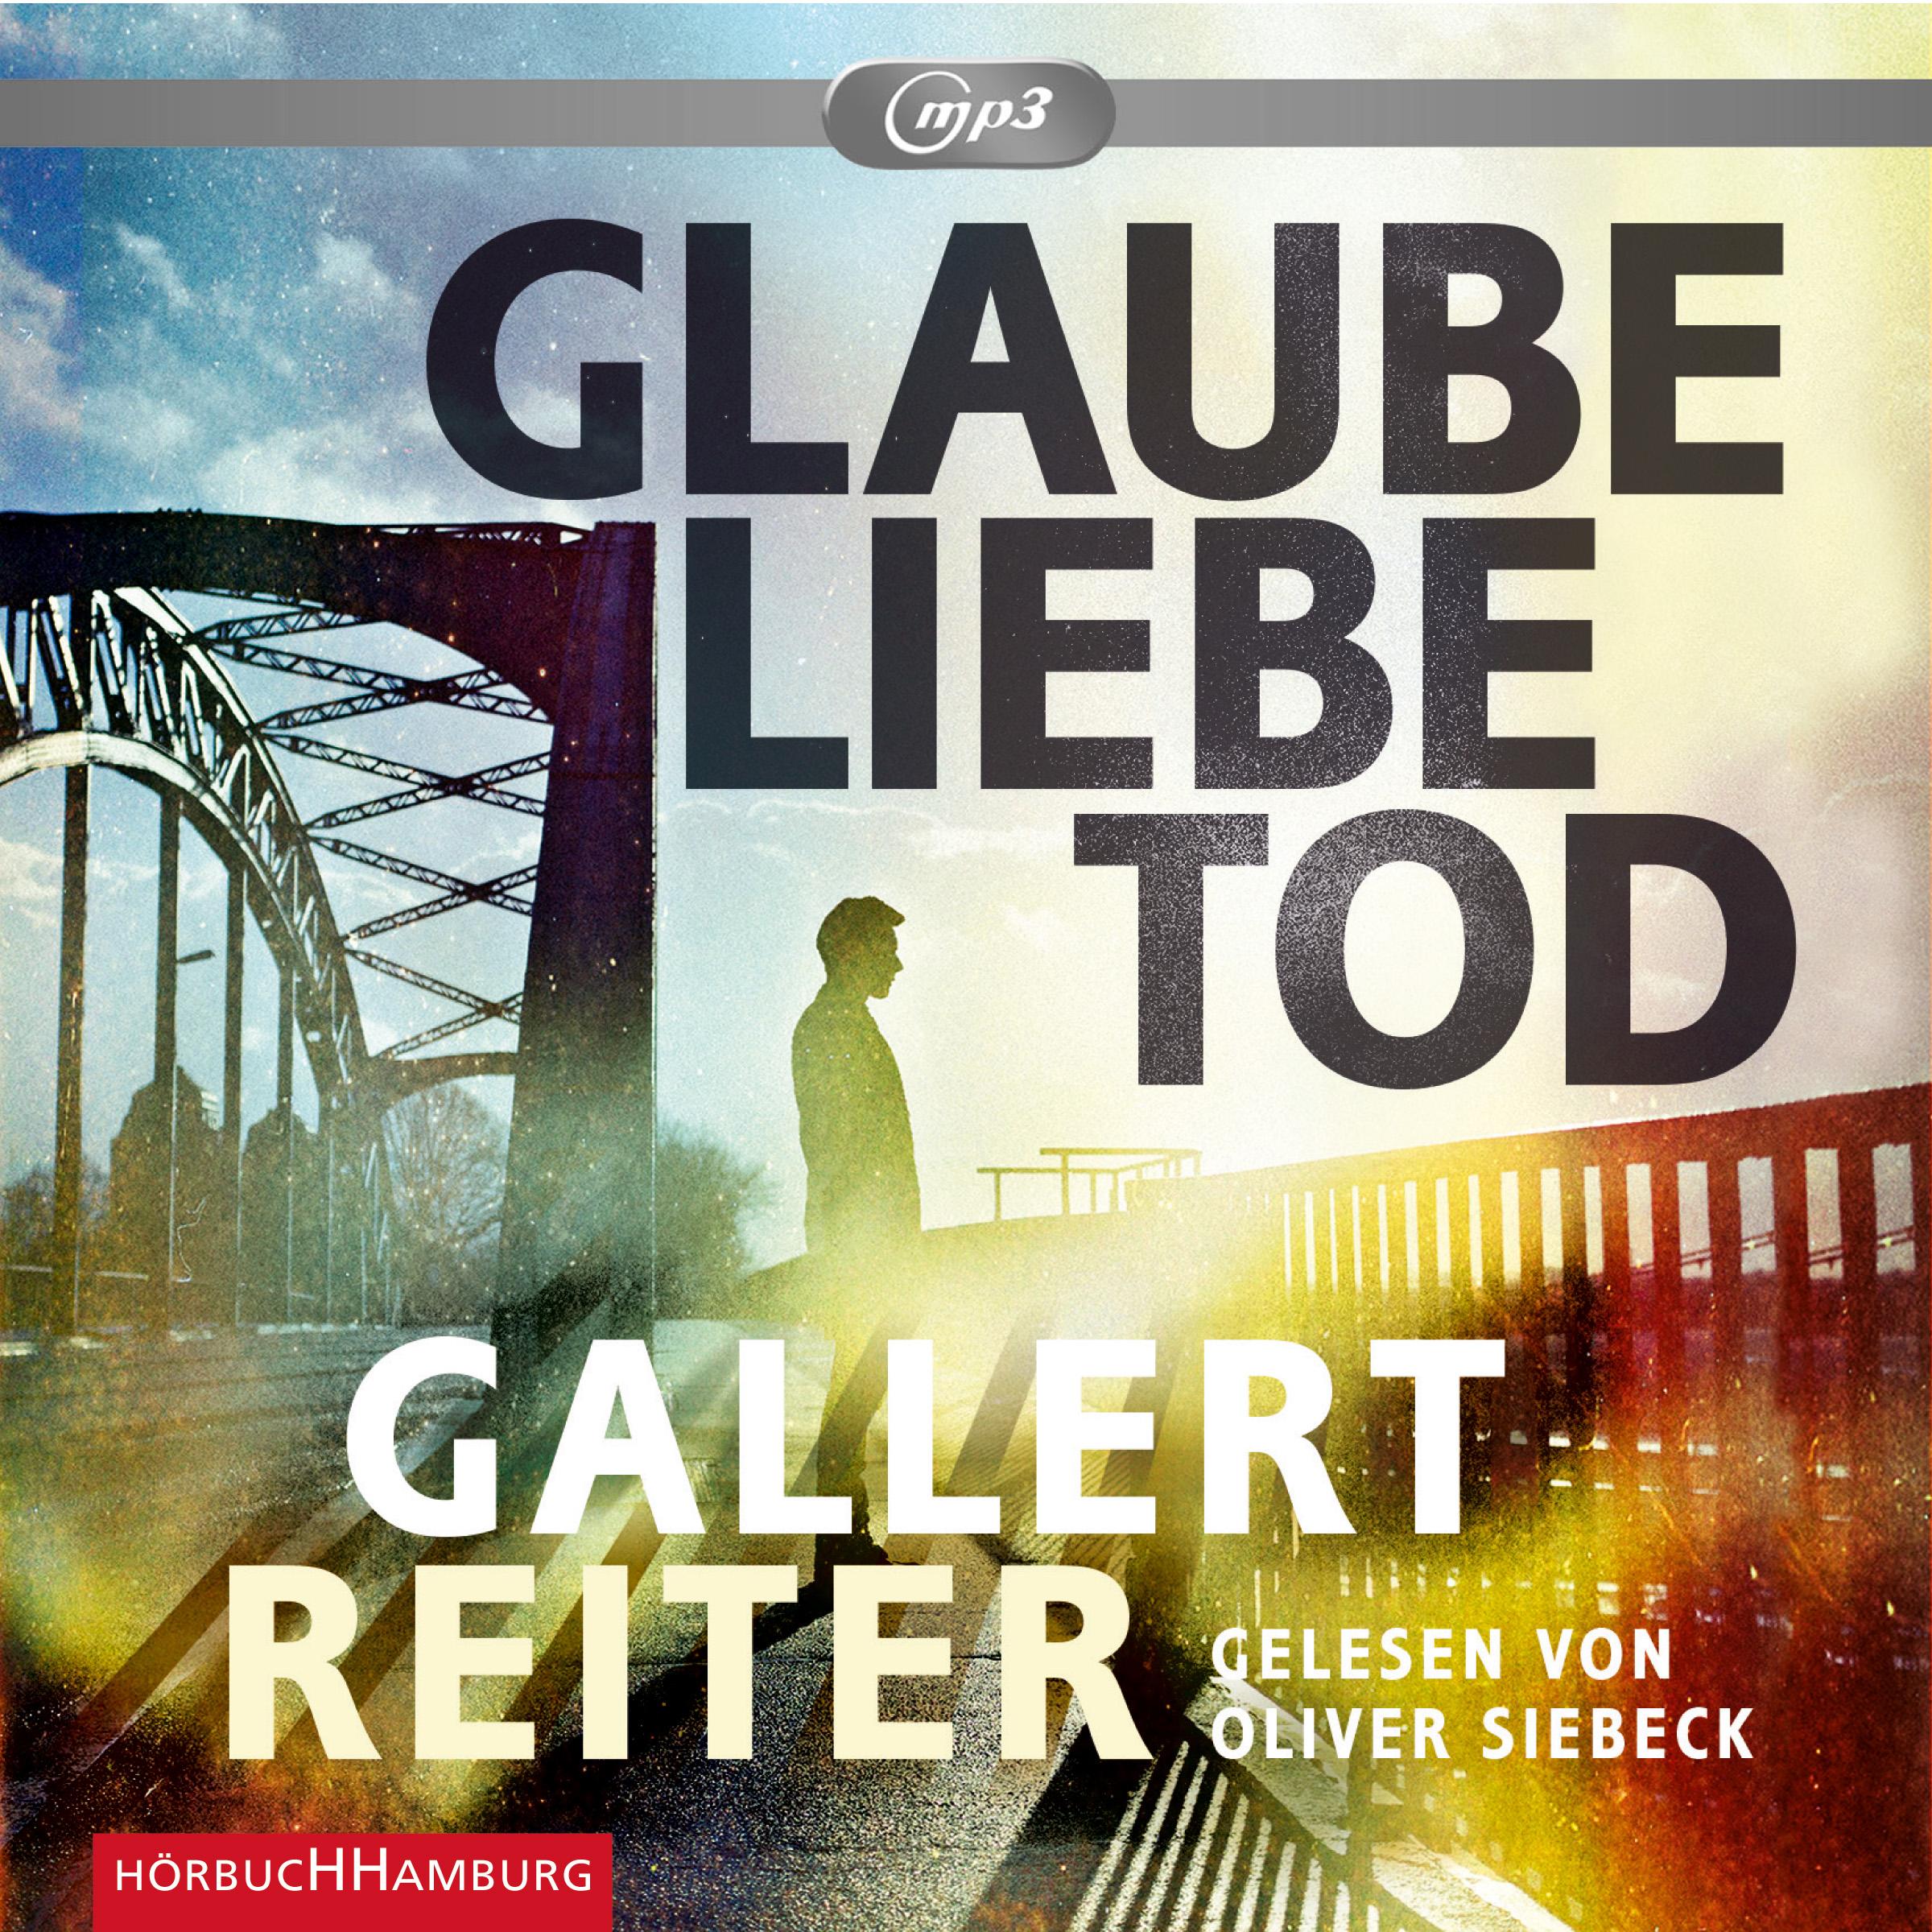 Cover für das Glaube Liebe Tod Hörbuch